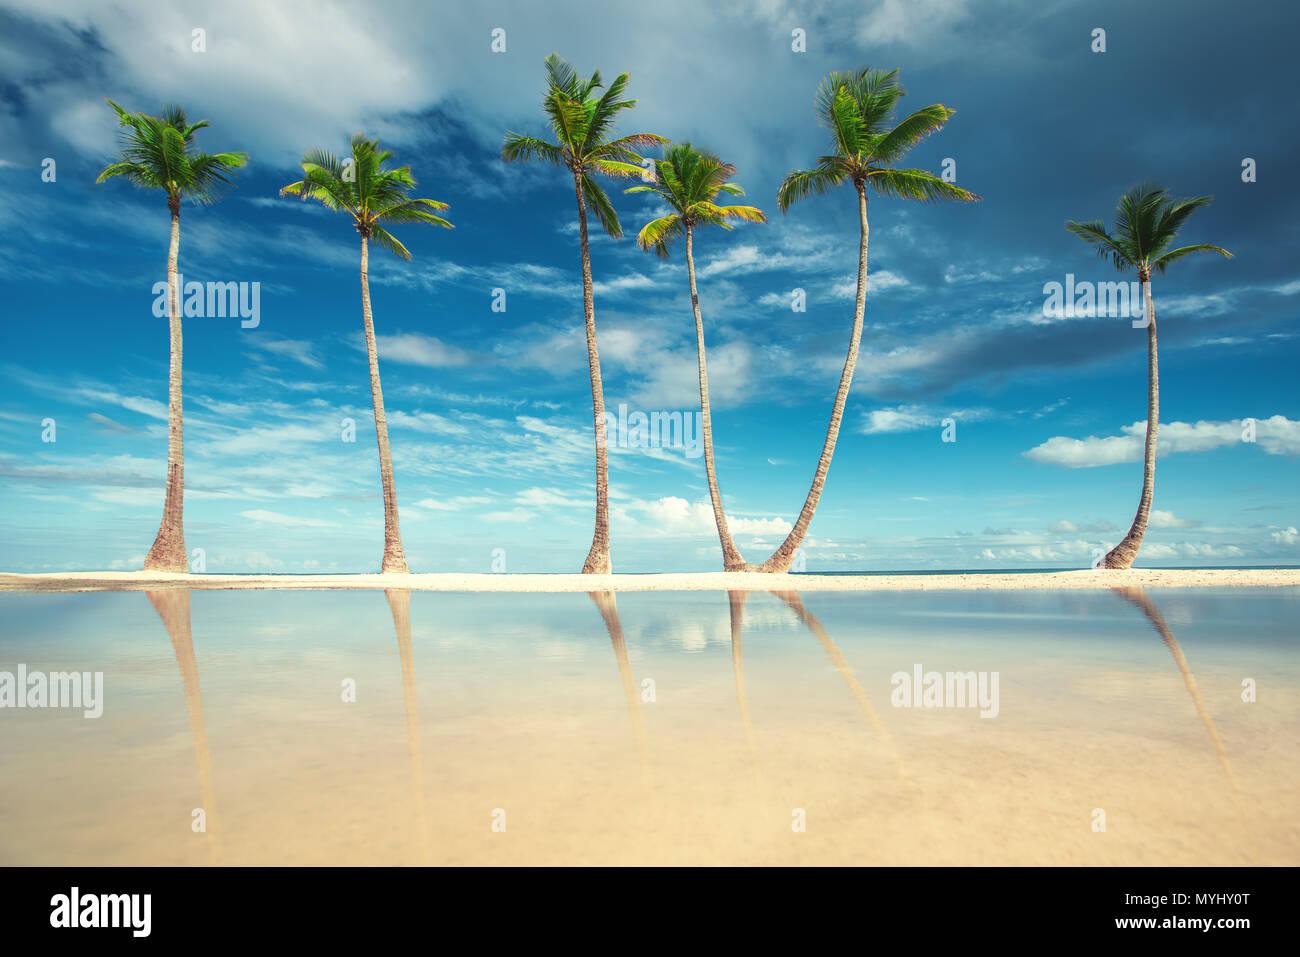 Palme di cocco sulla spiaggia di sabbia bianca in Punta Cana Repubblica Dominicana. Immagini Stock